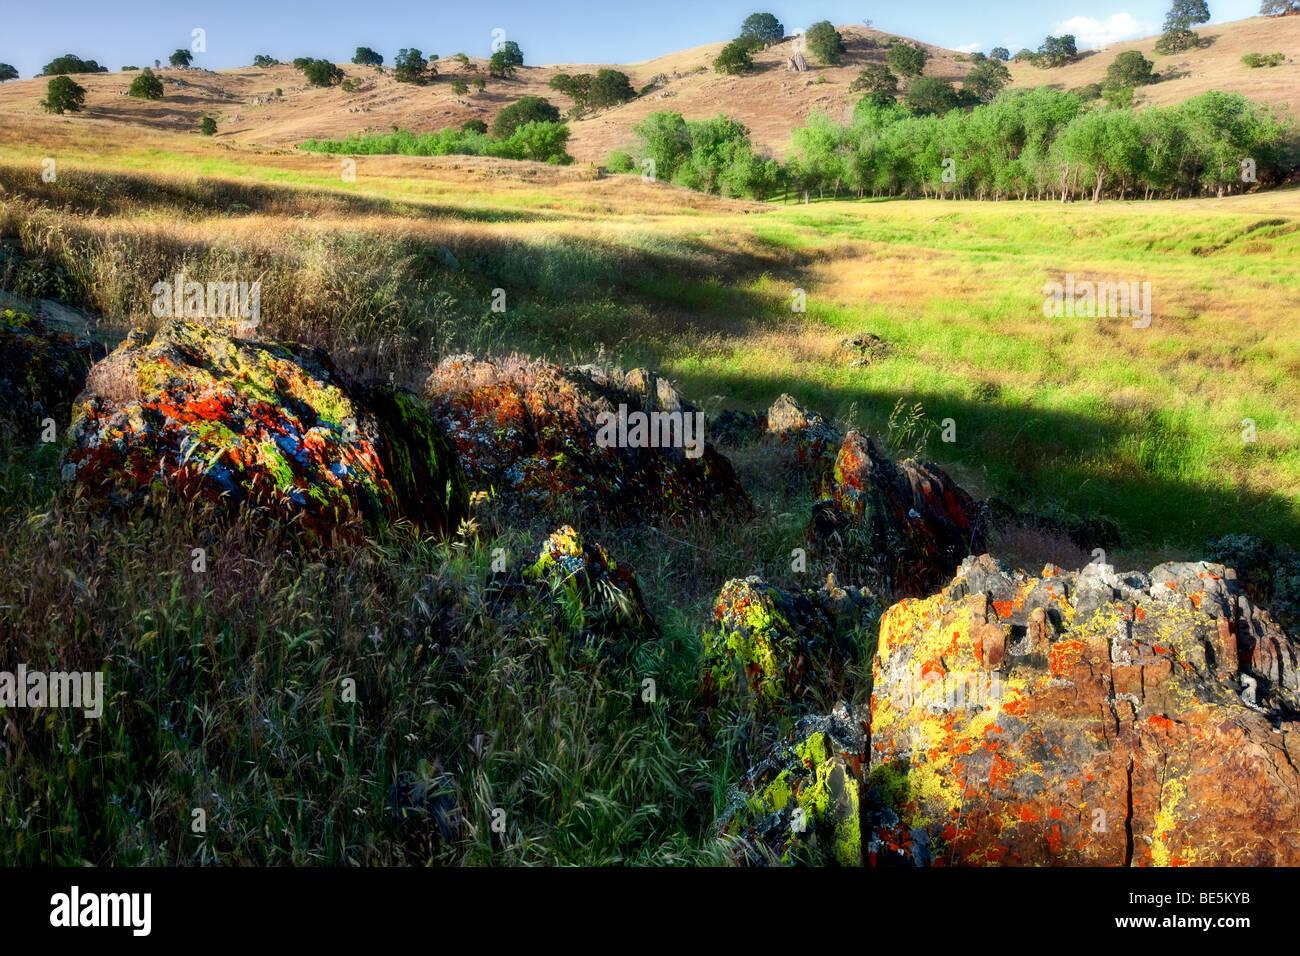 Bunten Flechten und sanften Hügeln. Merced Flechten Felder, Kalifornien Stockbild